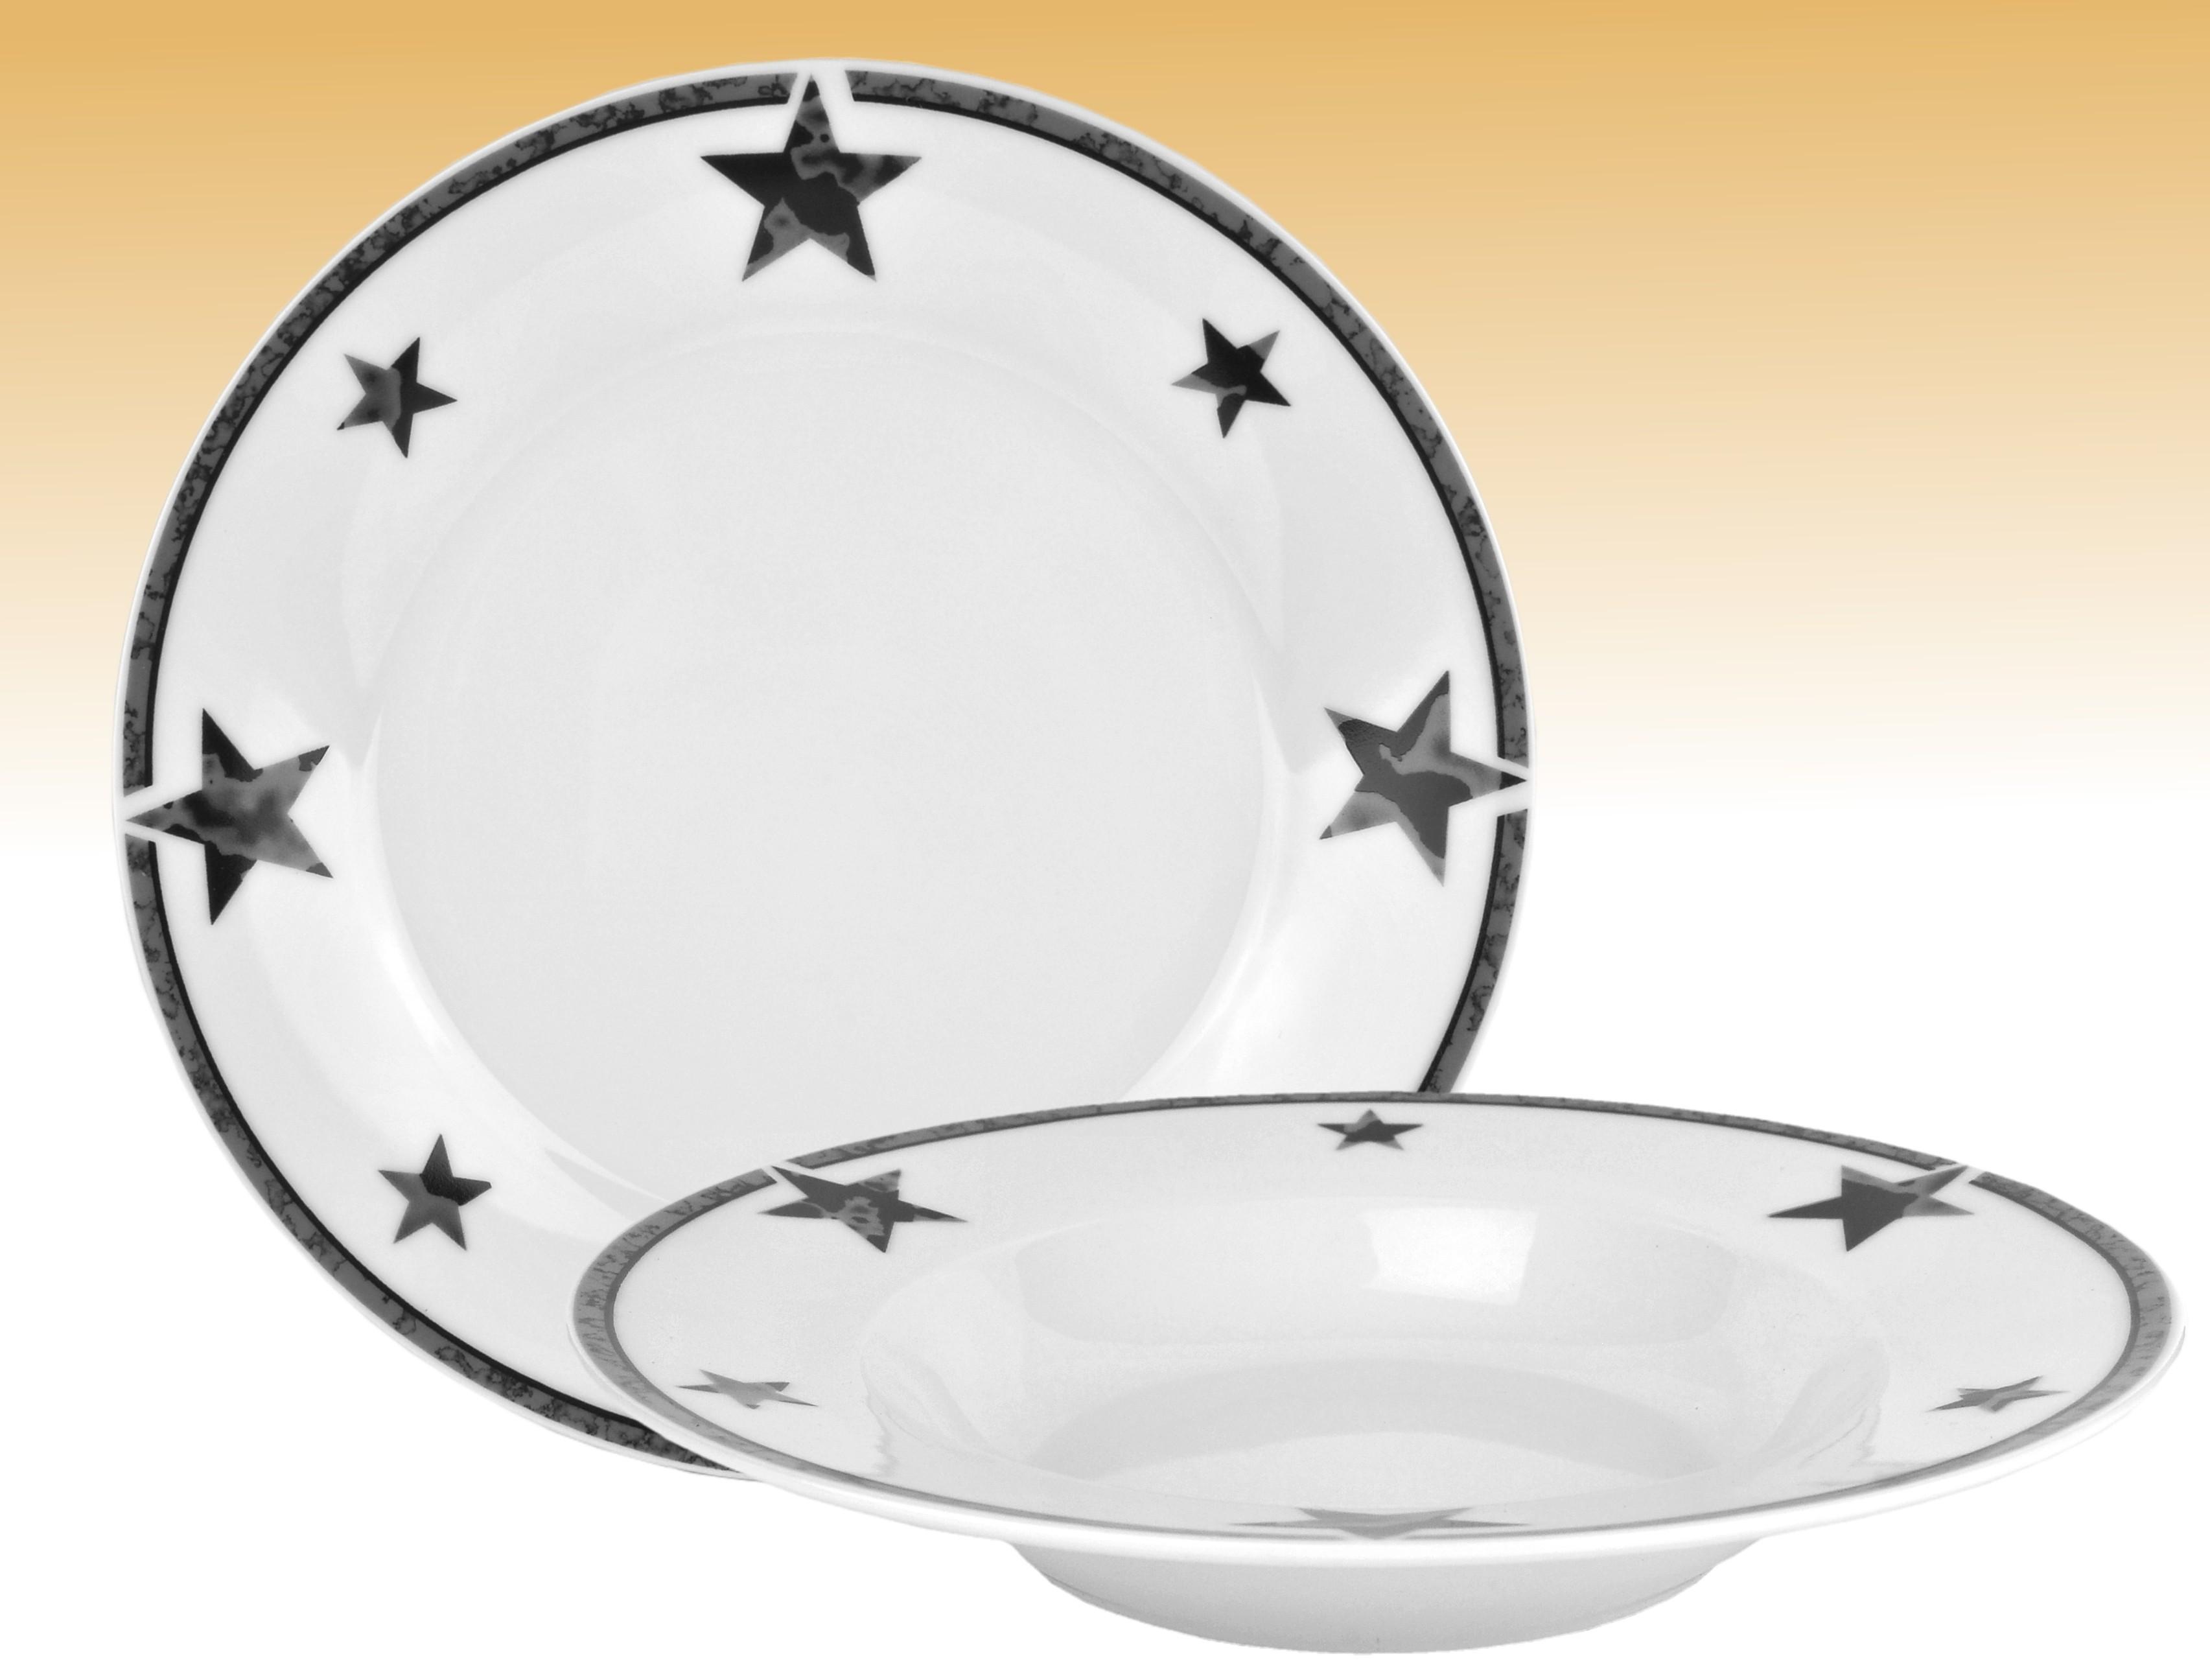 tafelservice 24tlg silver star rund porzellan wei 12 personen teller geschirr ebay. Black Bedroom Furniture Sets. Home Design Ideas